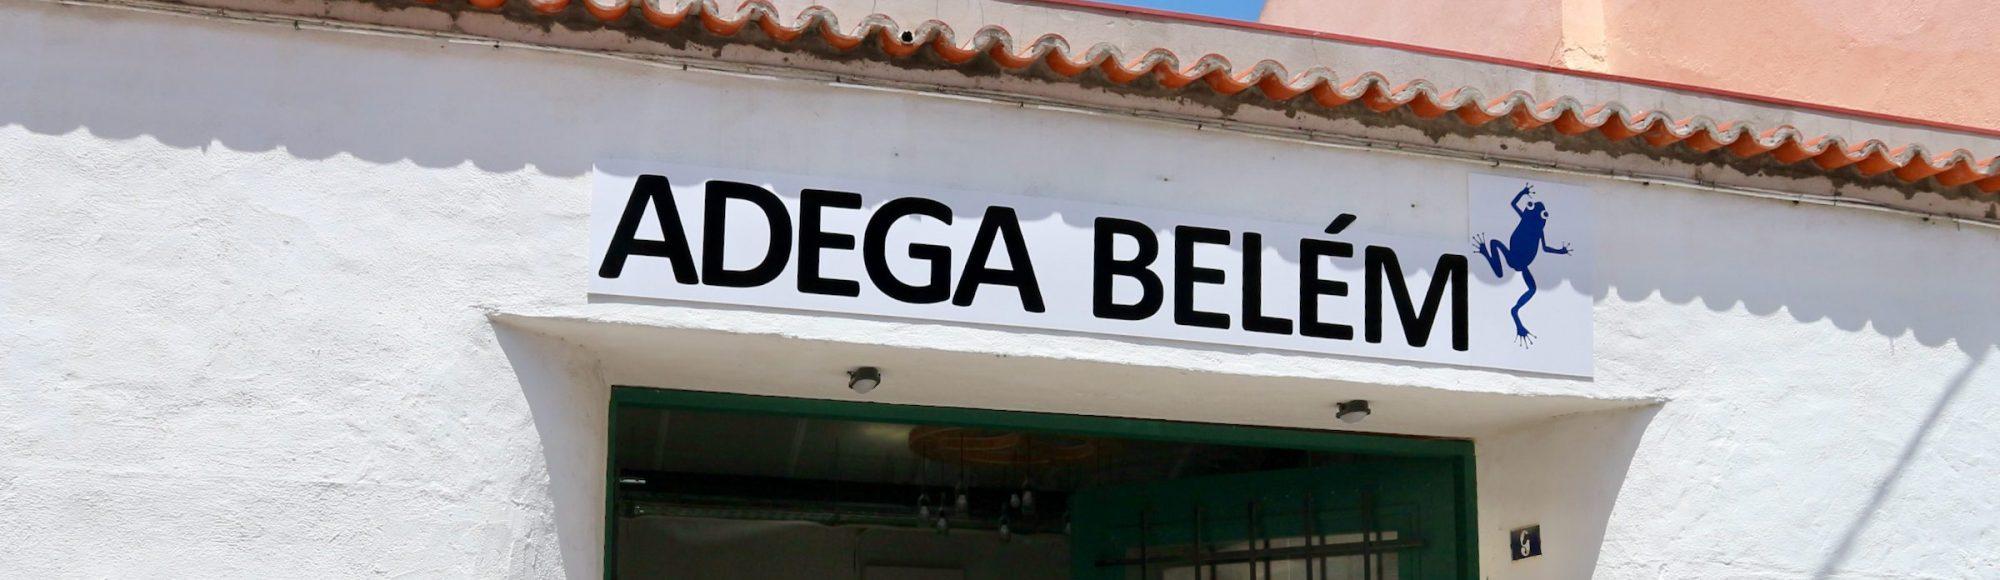 Adega-Belem-Eröffnung-19-05-2020 - 43